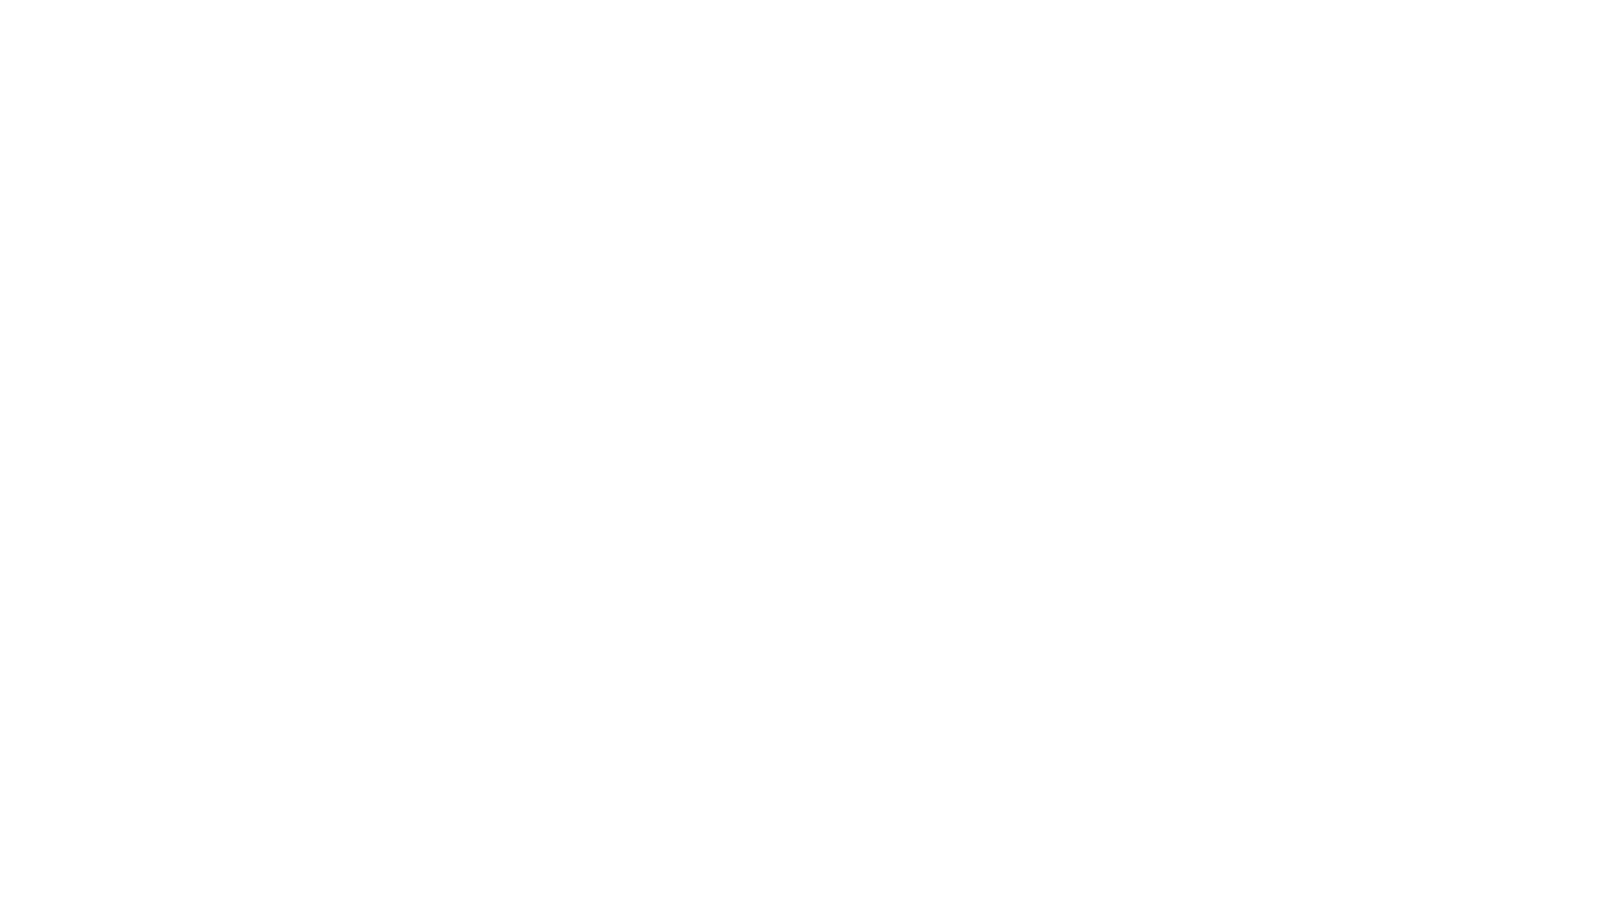 CAMPANHA DEZ NECESSÁRIOS DEZNecessário é a campanha criada pelo Núcleo MAIO para a mobilização do maior número de pessoas a apoiar estas ações de melhorias e assistência aos catadores de materiais recicláveis em Heliópolis.  DEZNecessário – R$10,00(dez reais) é o mínimo que precisamos que você doe para que os catadores e suas famílias sejam assistidas pelo projeto Recicla Helipa.  Aprendemos que ao perceber tantas coisas boas na nossa vida, devemos repartí-las com os que têm dificuldades, e ser solidários com os que estão à nossa volta.  A vida humana está por um fio, e é exatamente um fio que dá continuidade à vida como ela deve ser: um fio de esperança, um fio de sangue unindo as pessoas em um movimento a favor da vida.  #JUNTE-SE CONOSCO #DOEDEZNECESSÁRIO #COMPARTILHERECICLAHELIPA  ACESSE: https://nucleomaio.com.br/recicla-hel... DOE: TRANSFERÊNCIA BANCÁRIA BANCO DO BRASIL Agência: 4284 6 Conta Corrente: 14523 8 CNPJ: 29.612.796/0001-15 Titular: NÚCLEO MAIO – MOVIMENTO DAS ASSOCIAÇÕES INDEPENDENTES  MERCADO PAGO https://www.mercadopago.com.br/checko...  PAG SEGURO https://pag.ae/7W53THhM5